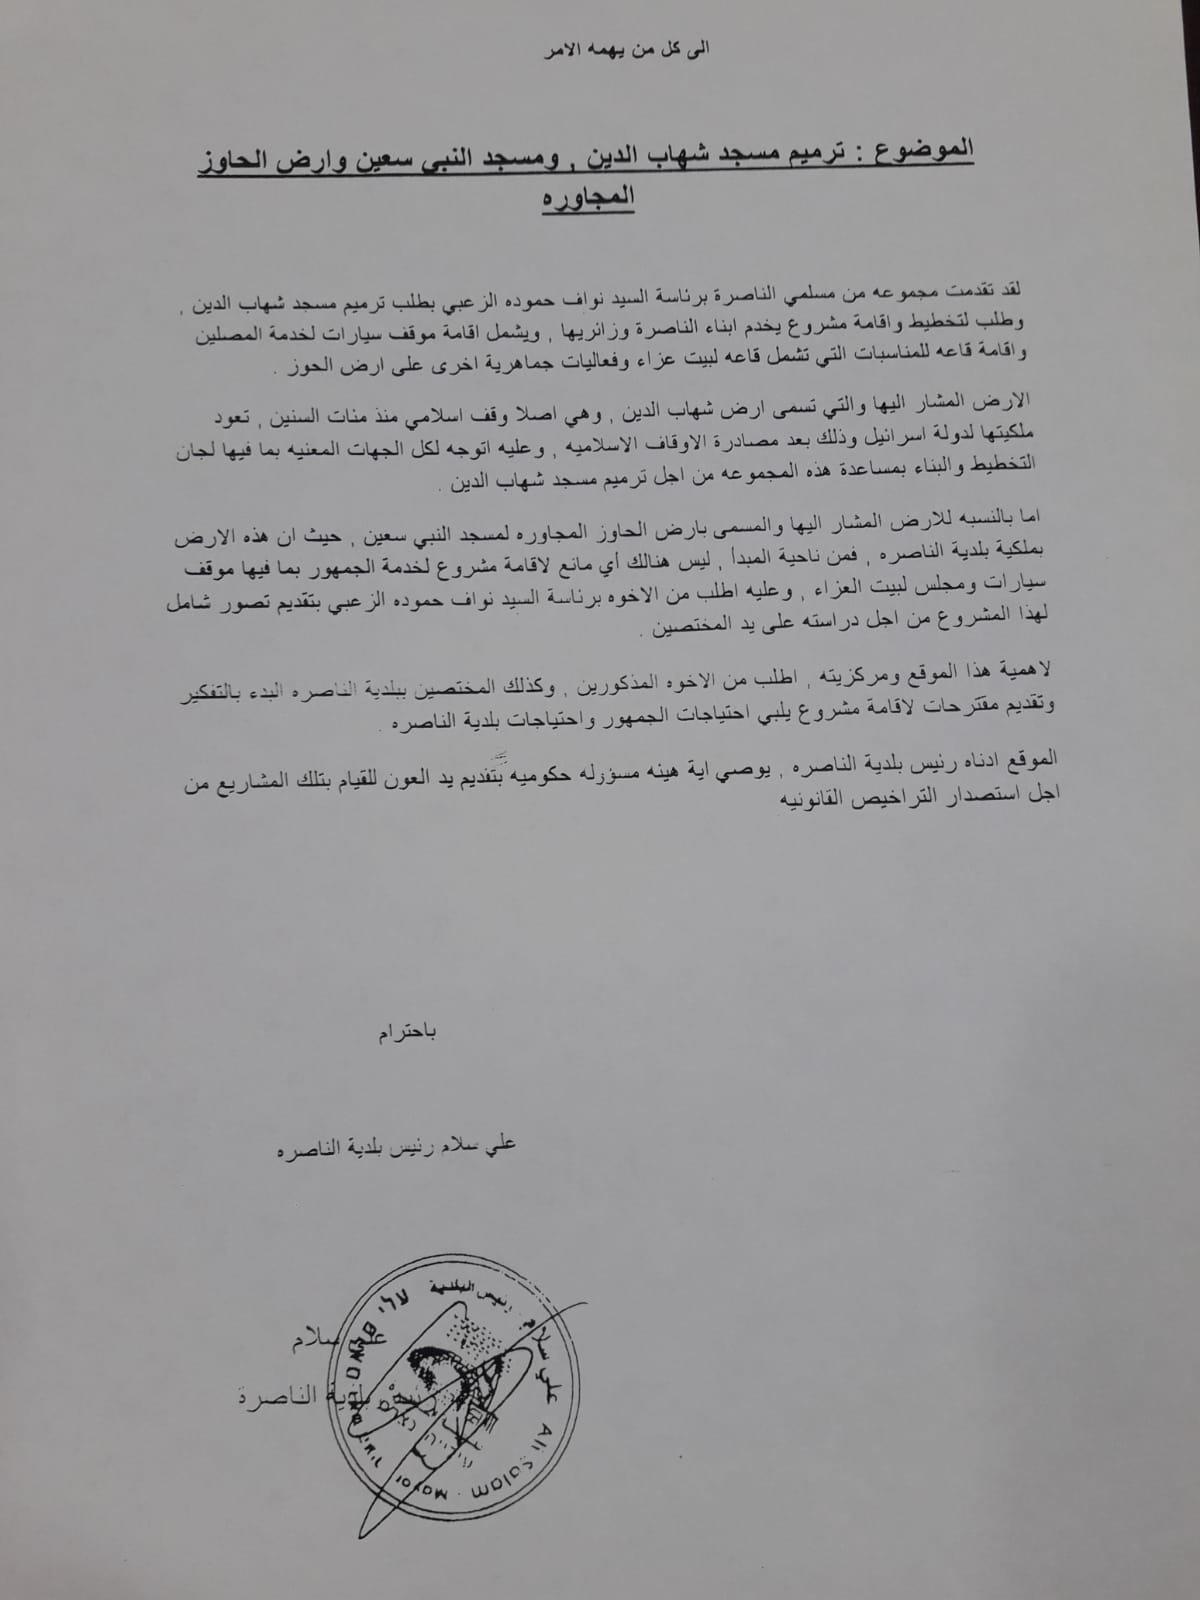 الناصرة: مشروع قاعة لبيوت عزاء المسلمين وموقف سيارات قرب النبي سعين